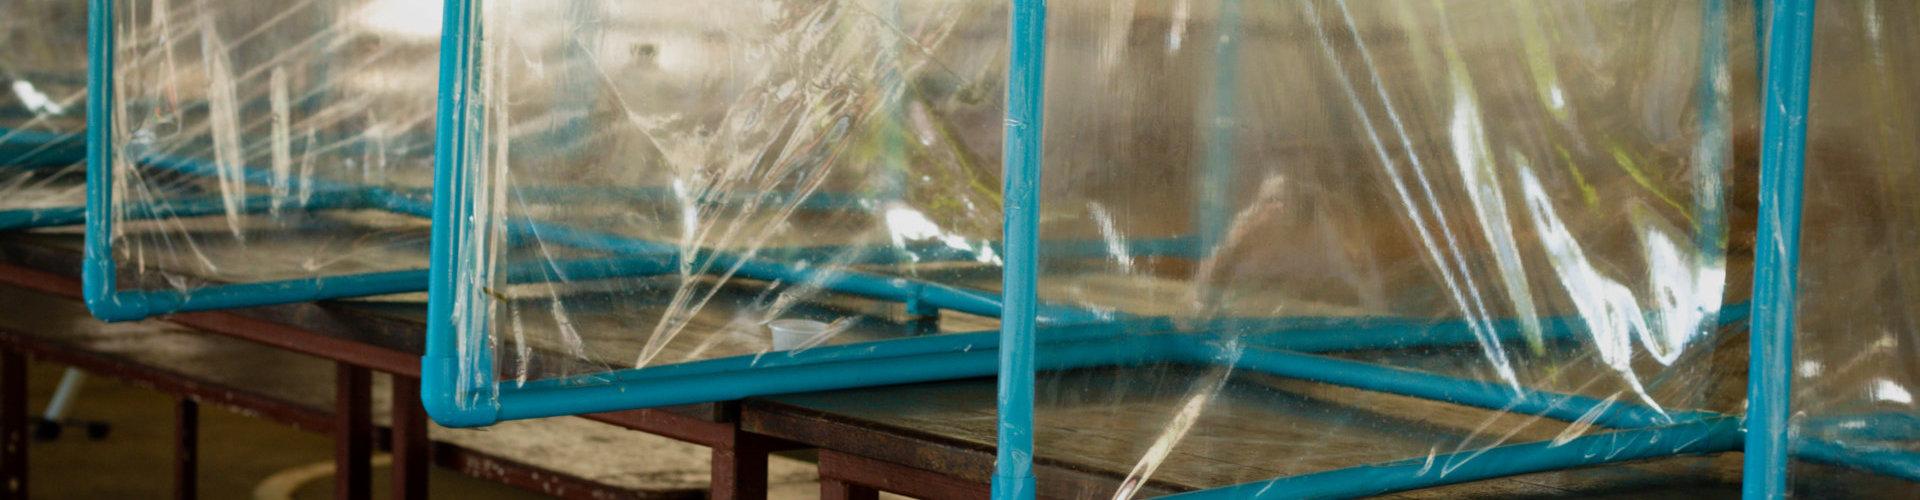 plastic separators on table